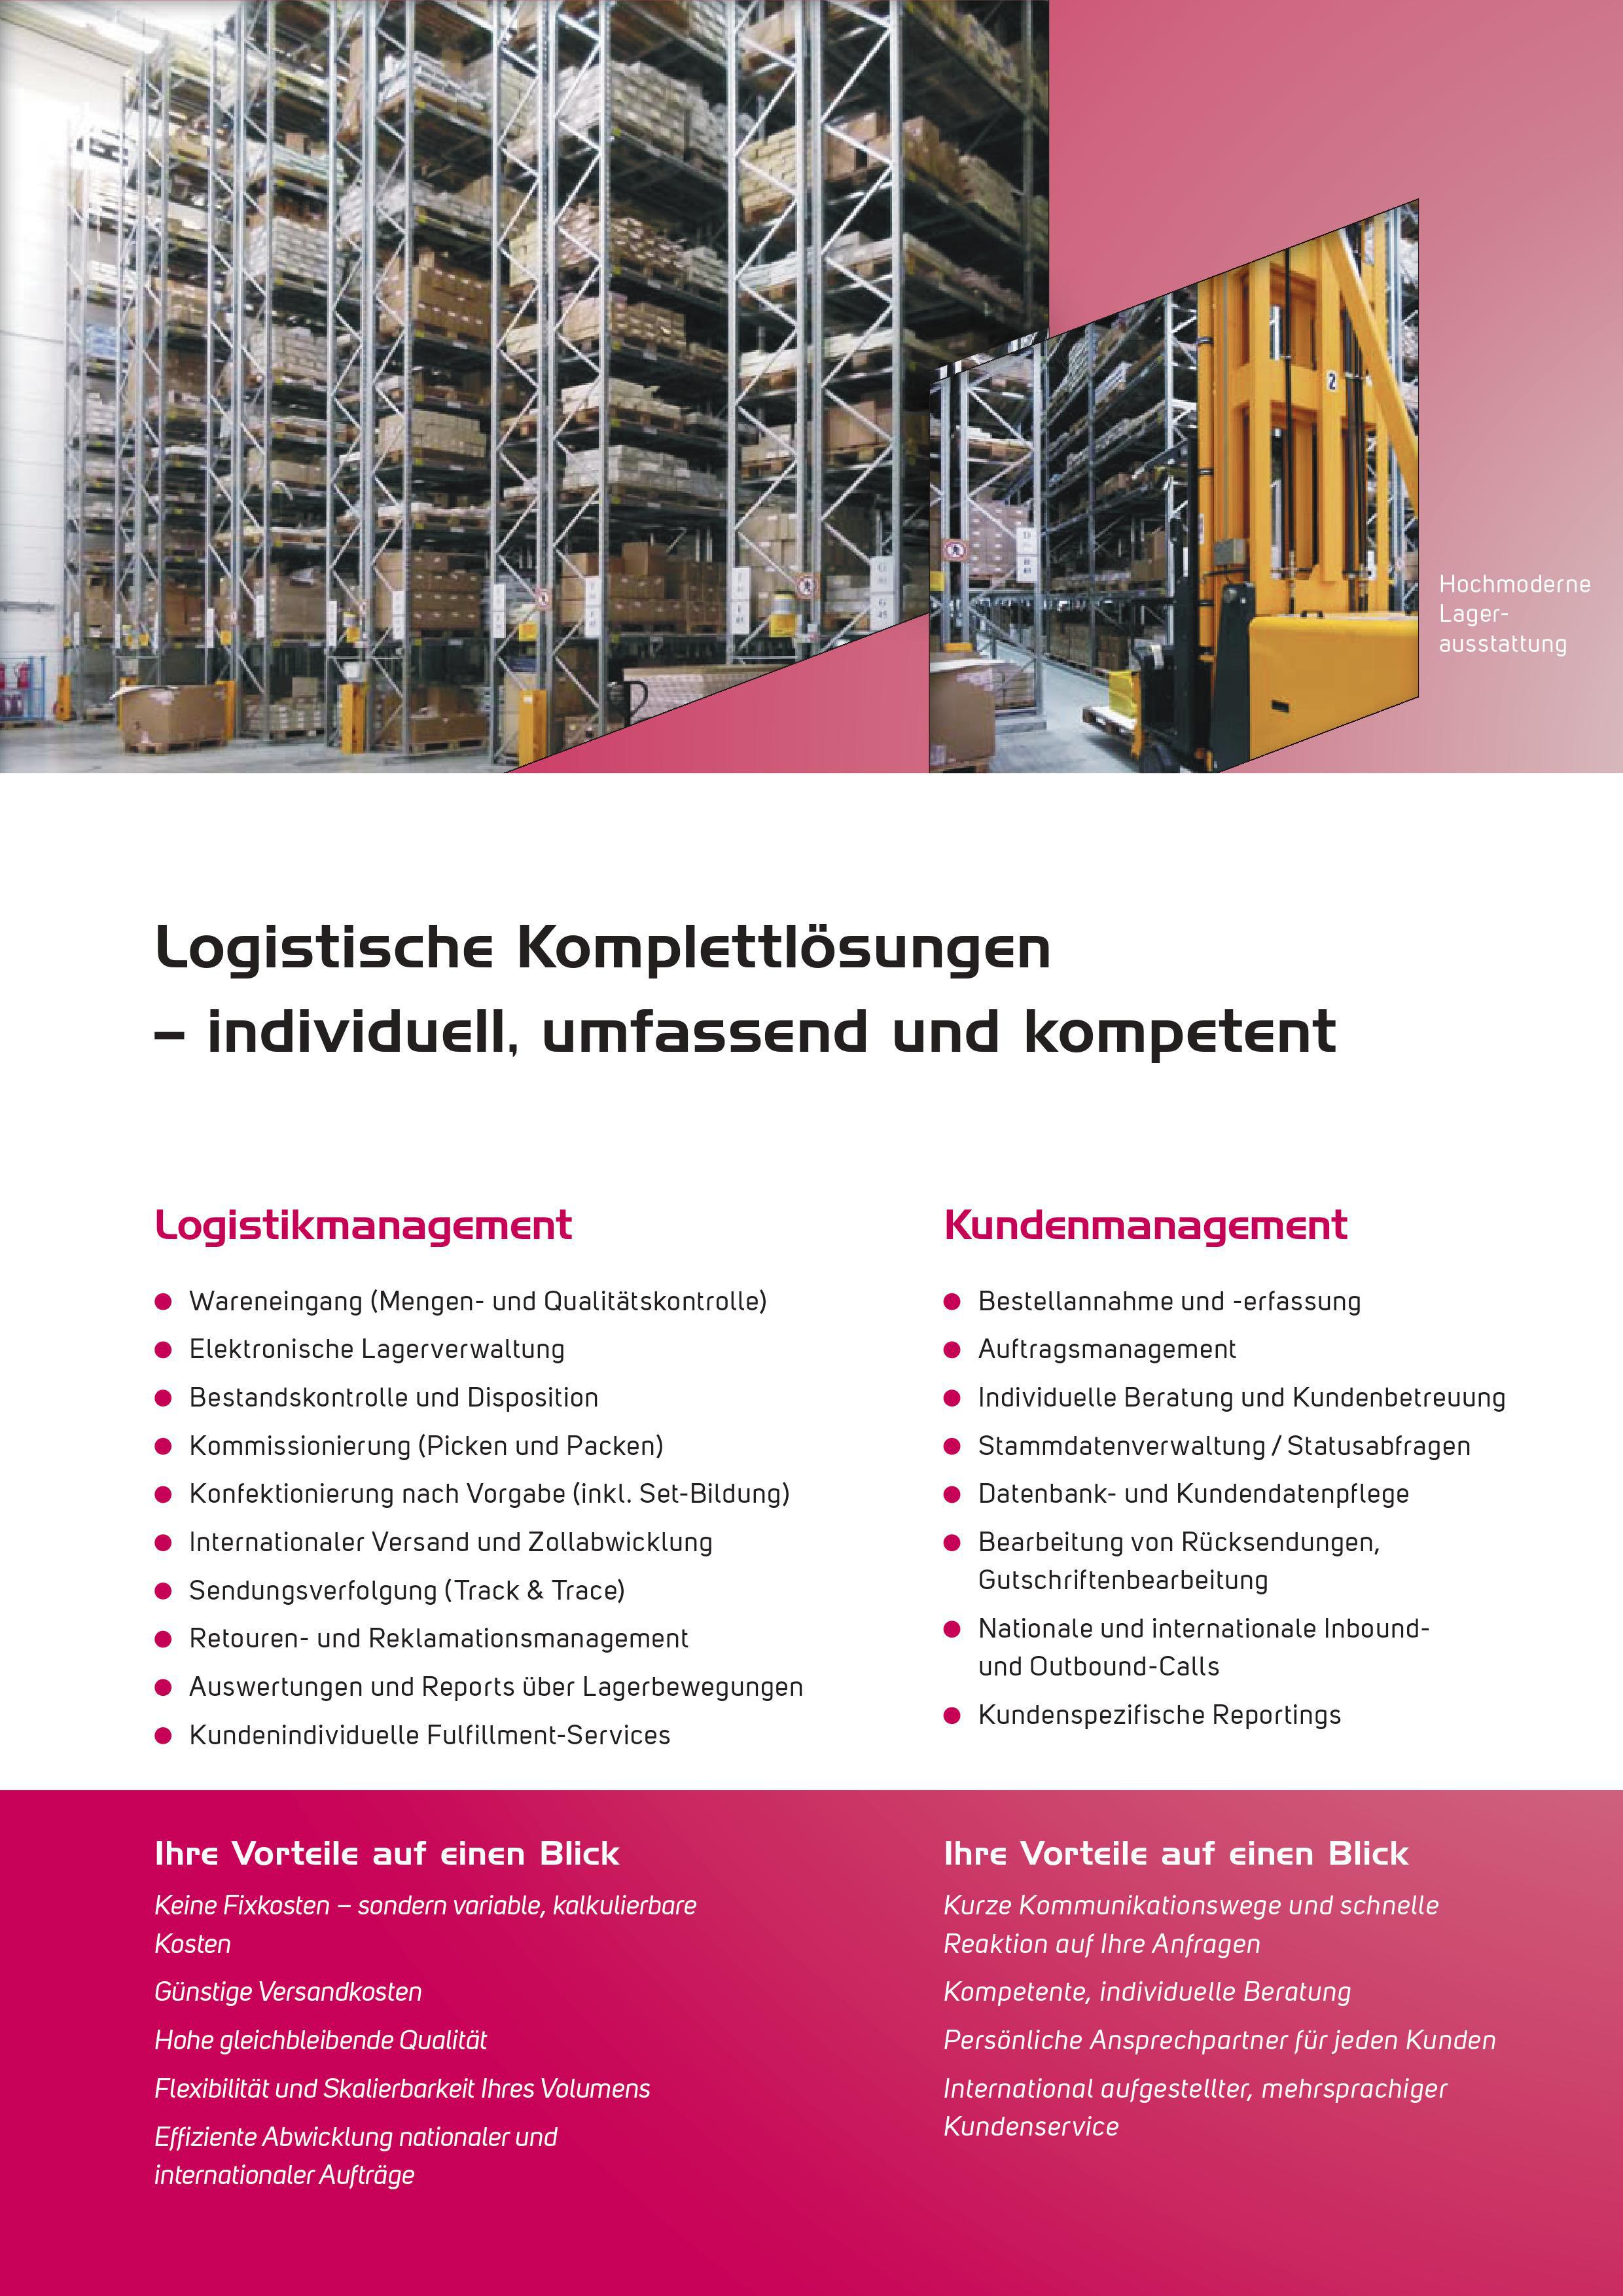 https://mds-logisticspartner.com/wp-content/uploads/2016/01/02.jpg